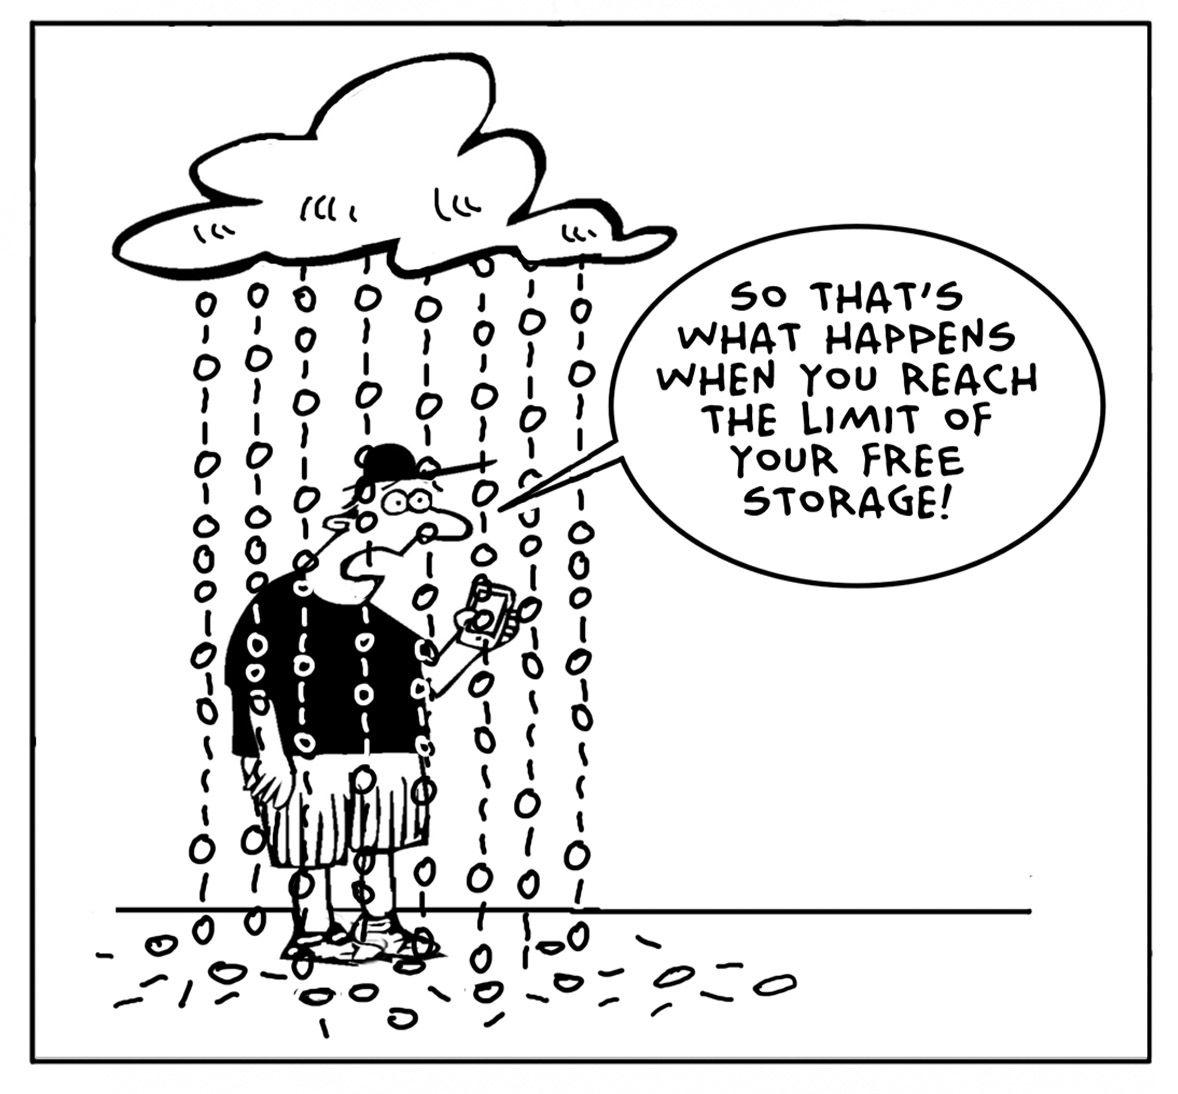 Cloud Storage Overload Acomputers